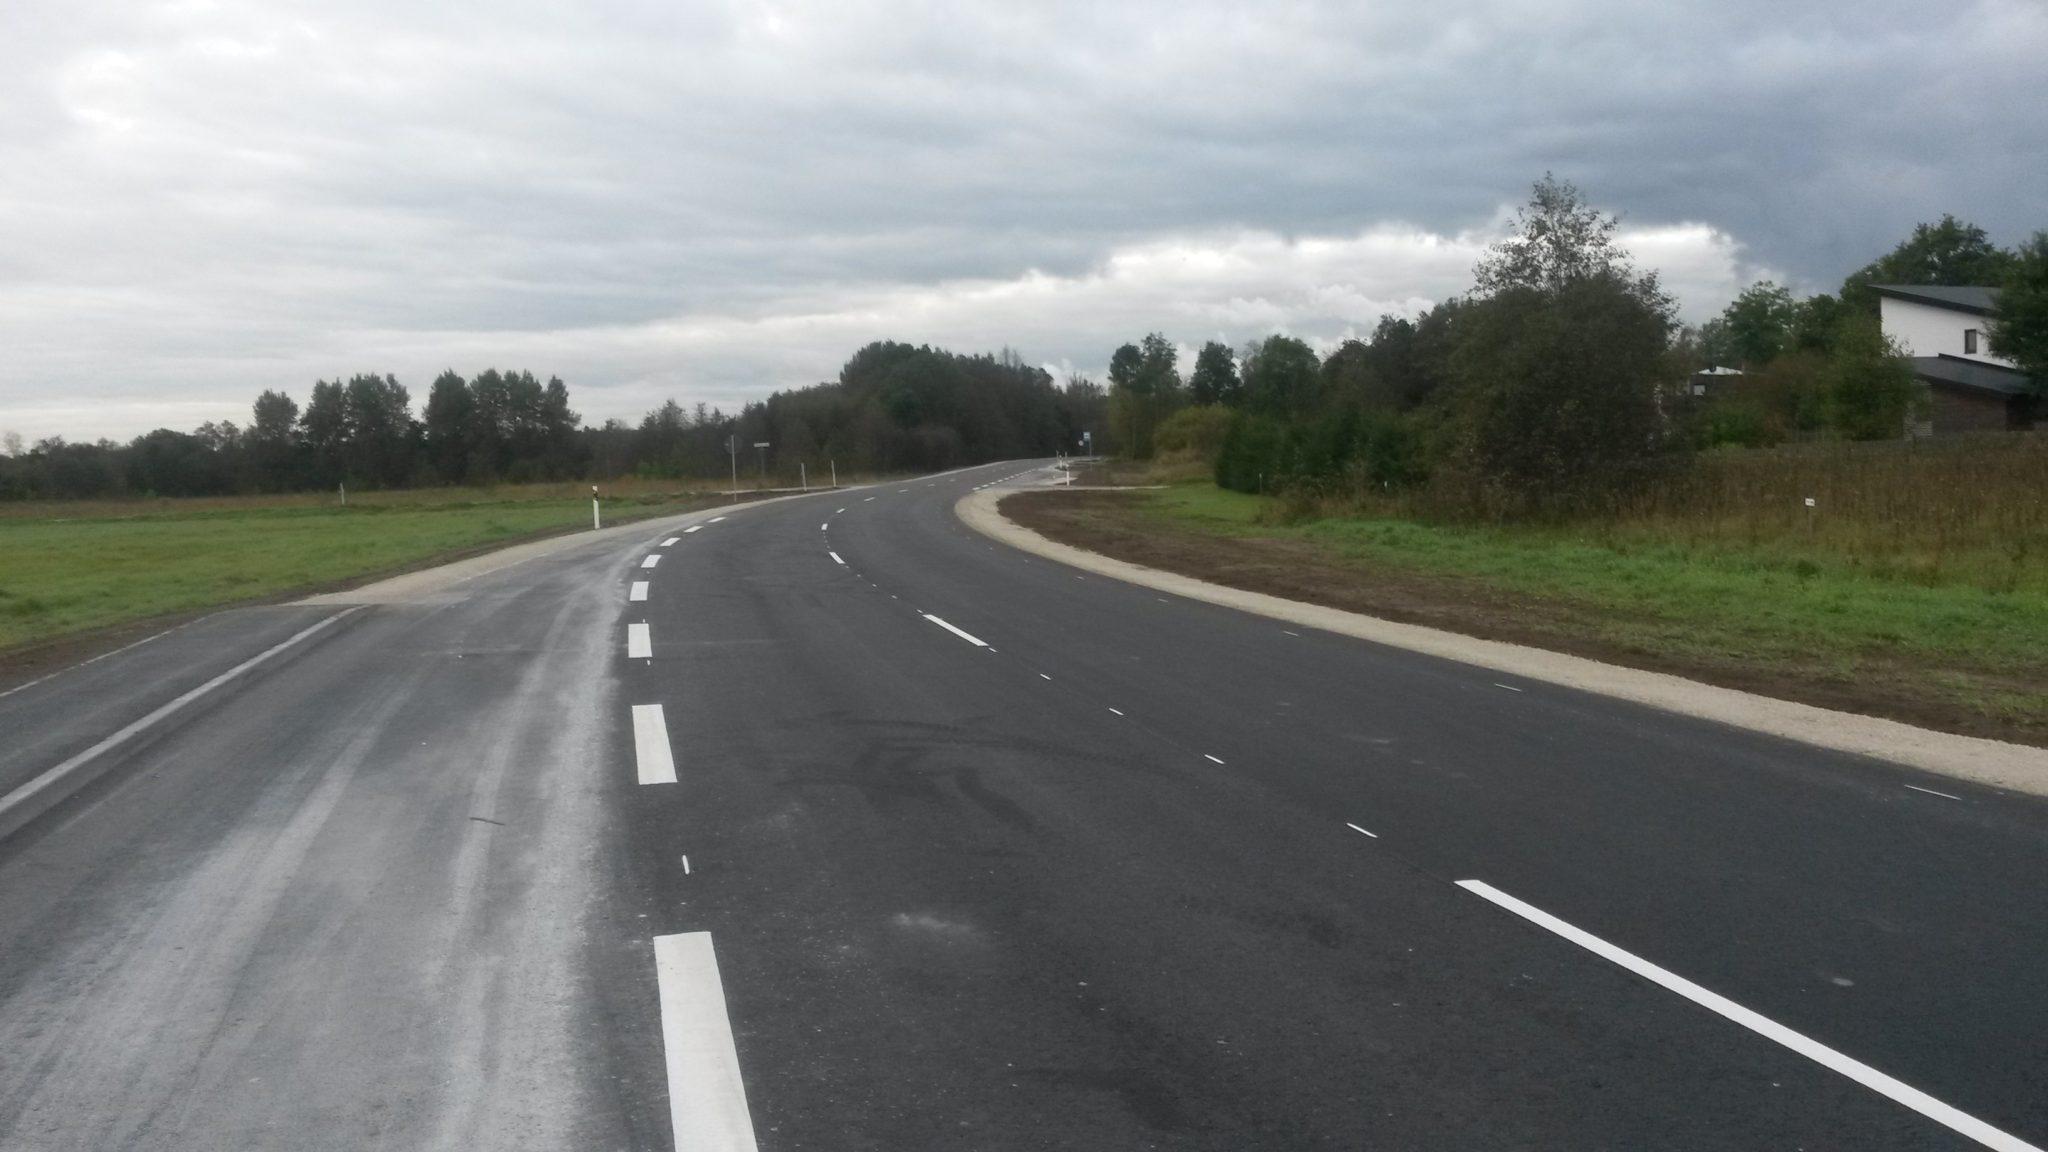 Riigitee nr 11112 Lagedi – Jüri km 0,0-4,7 remont, jalg- ja jalgrattatee ning teevalgustuse ehitamise omanikujärelevalve